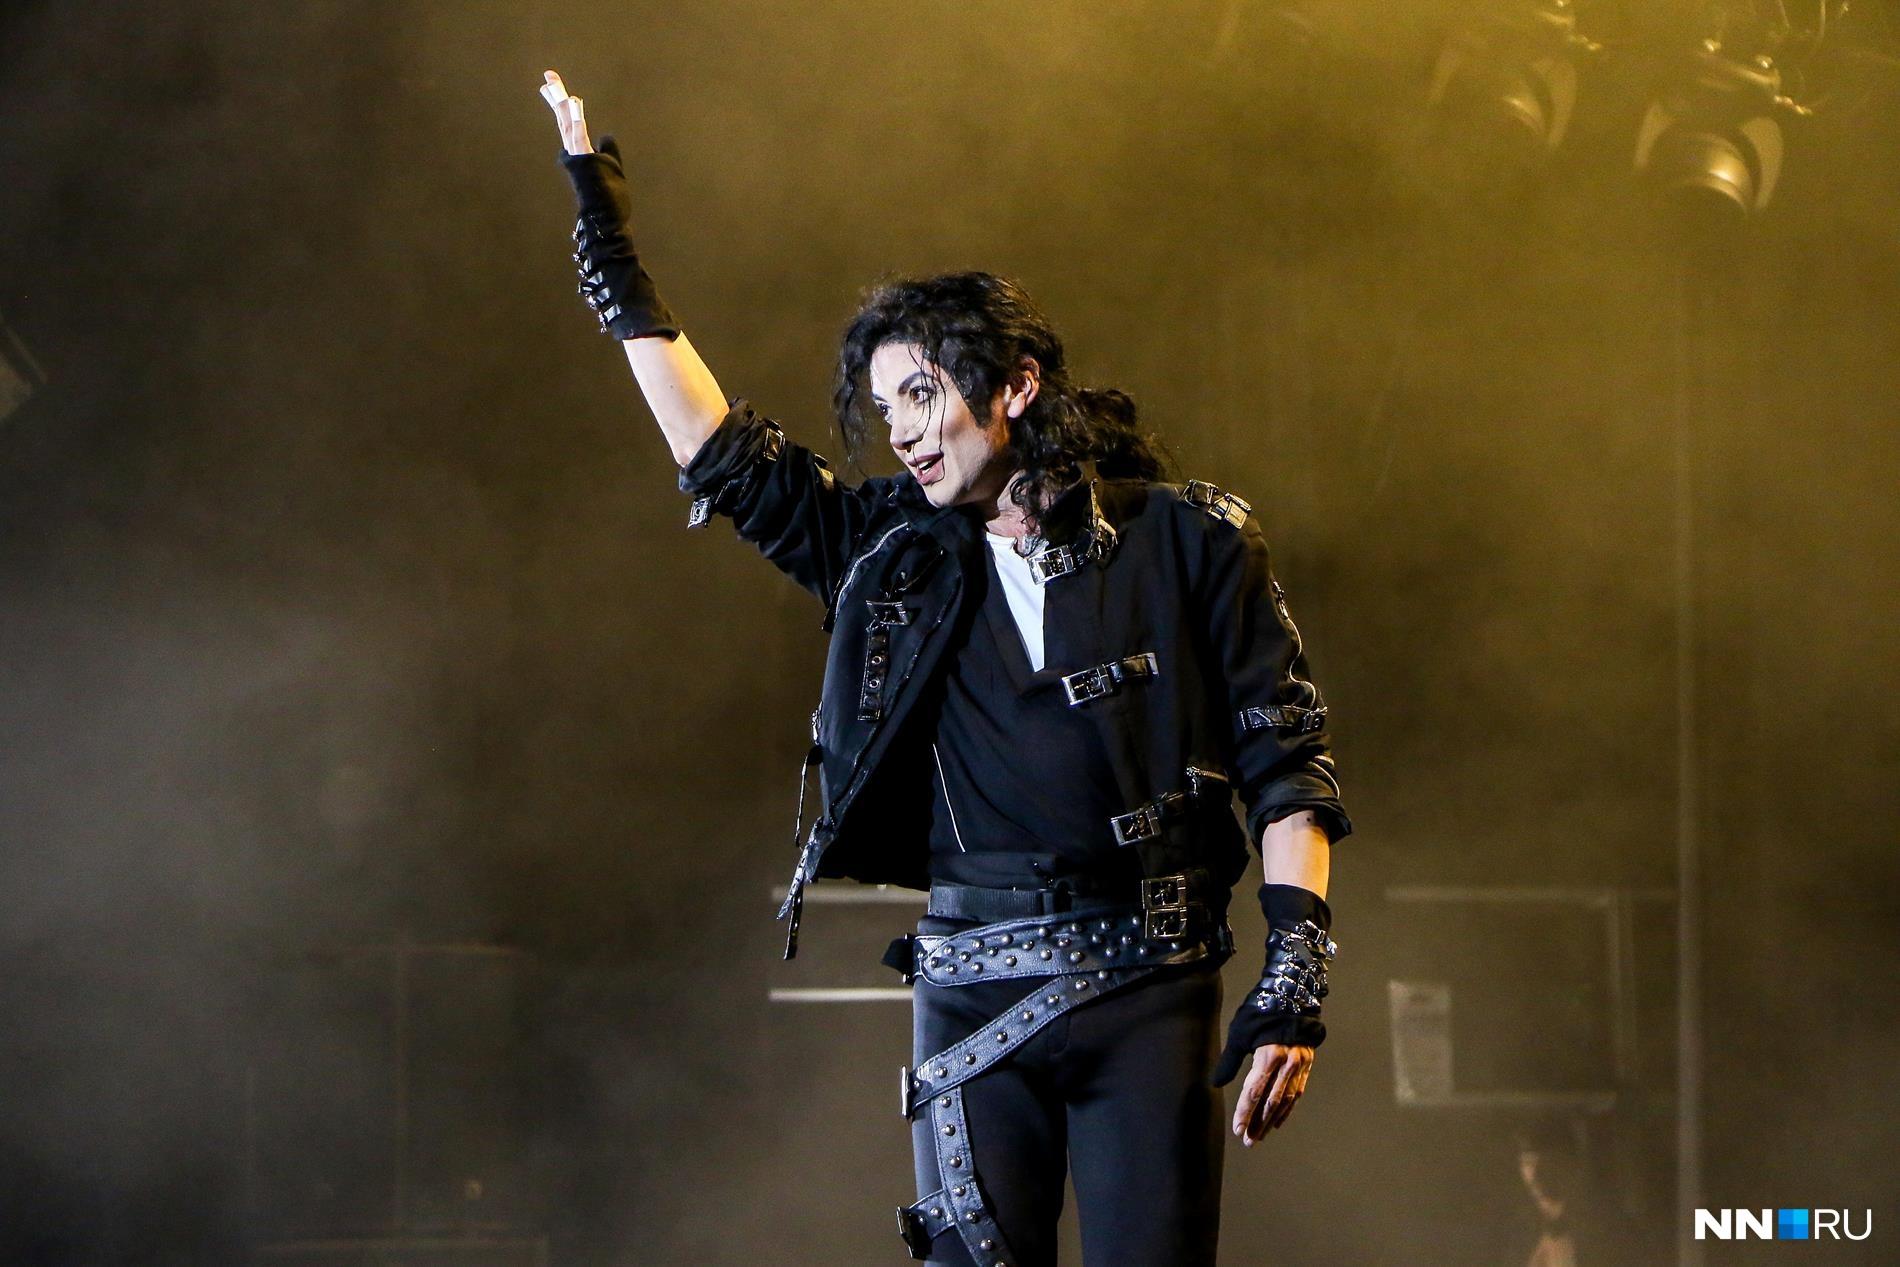 Точно ли Майкл умер в 2009 году?